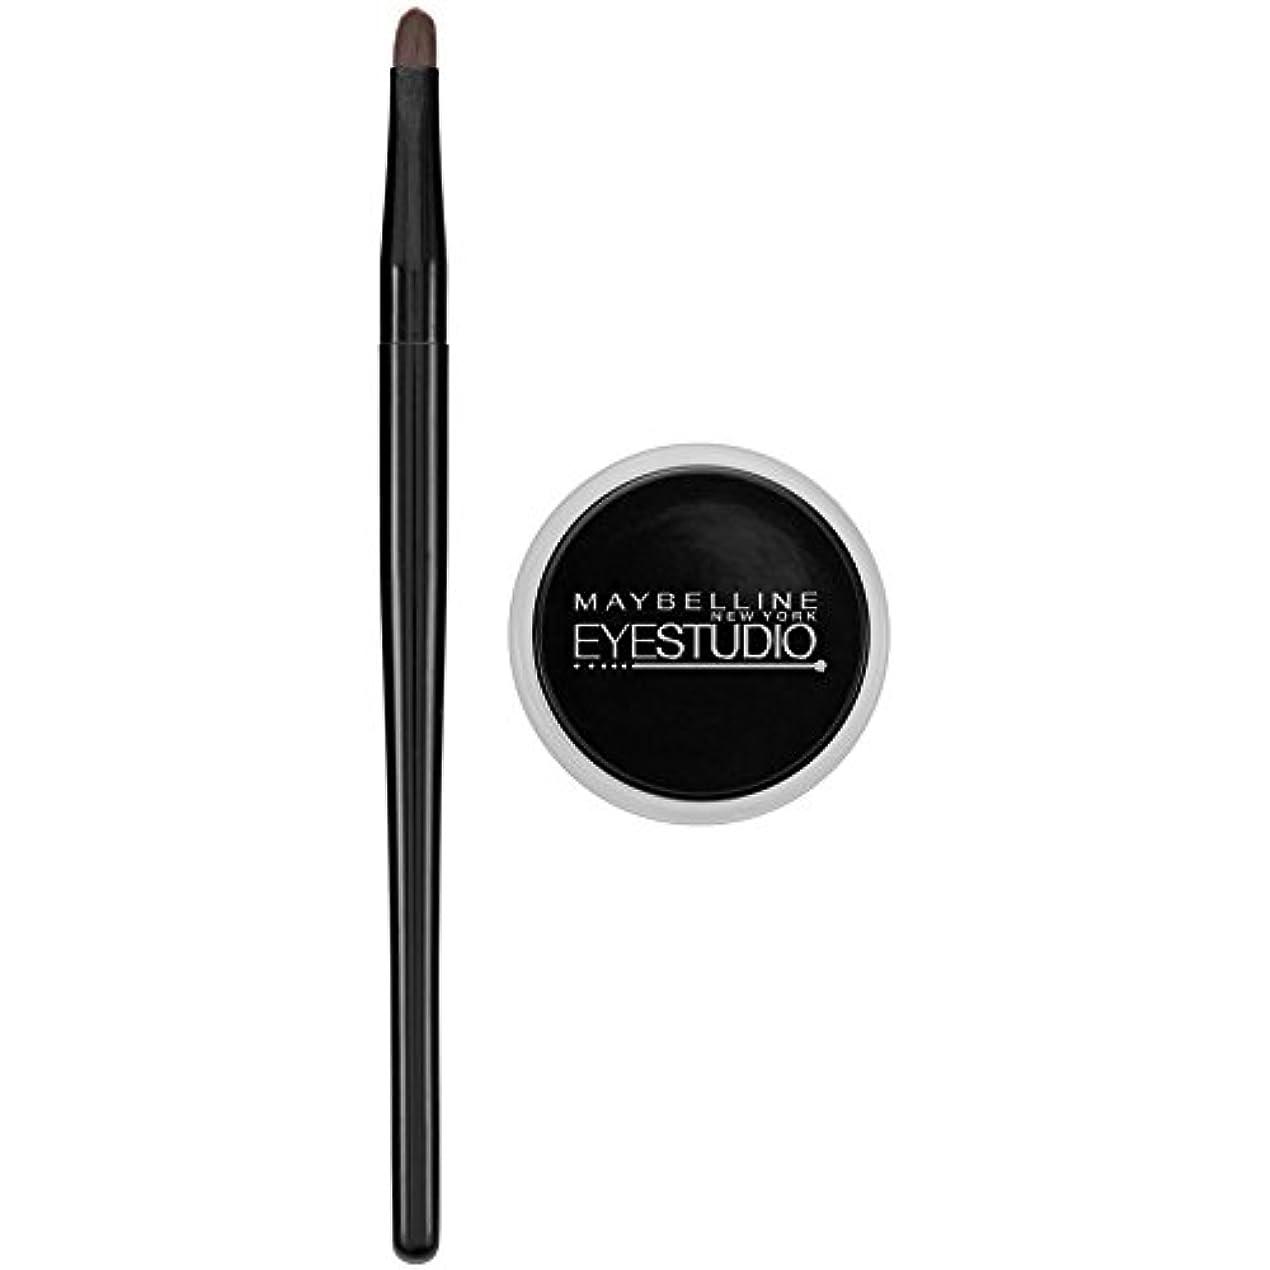 機知に富んだ無秩序マッサージMAYBELLINE Eye Studio Lasting Drama Gel Eyeliner - Blackest Black 950 (並行輸入品)